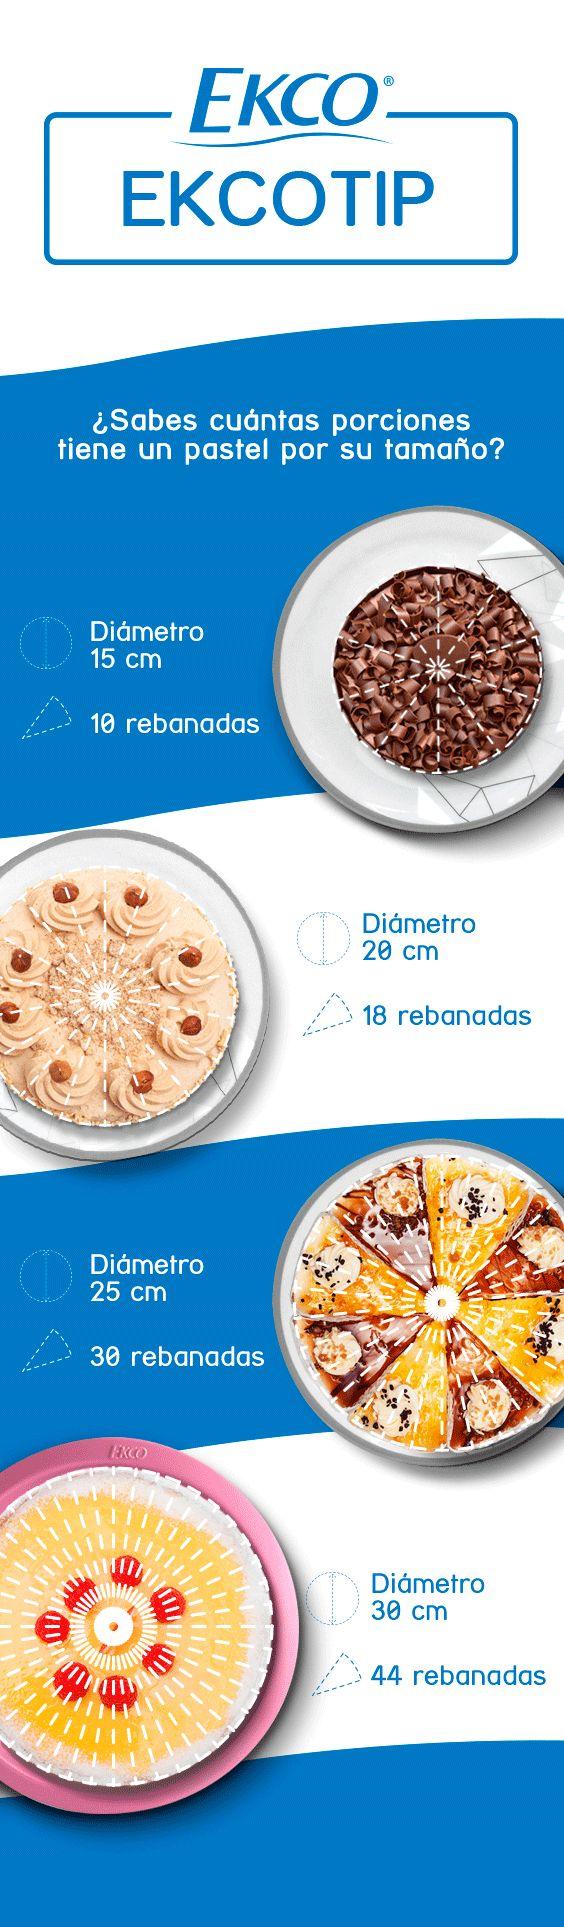 ¿Sabes cuántas porciones tiene un pastel por su tamaño?